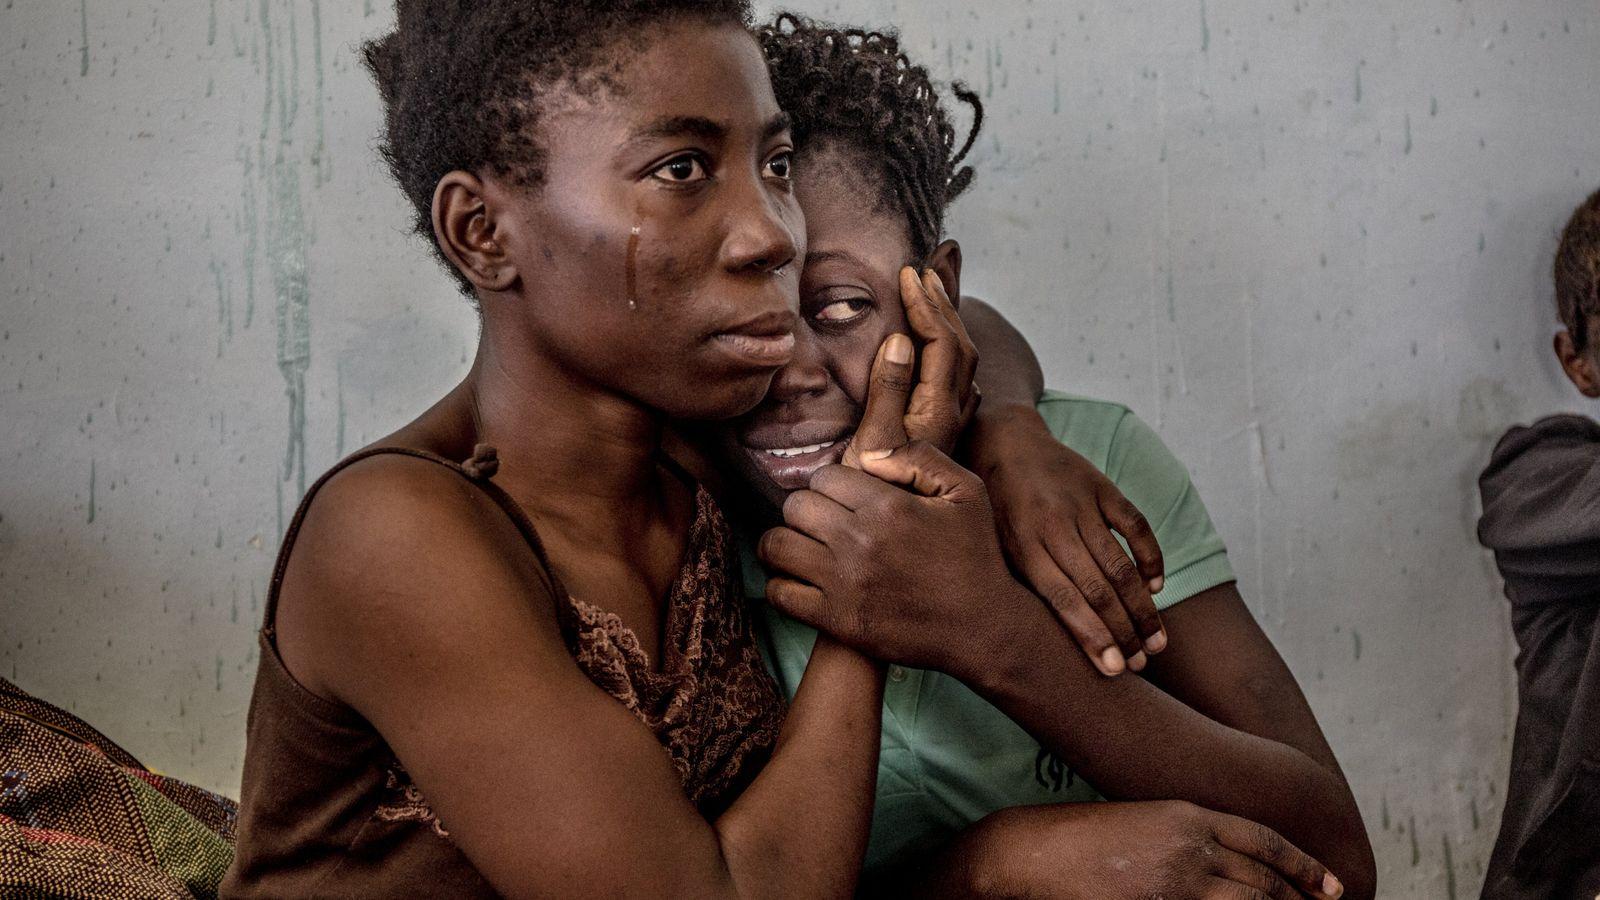 Nigerianische Migranten weinen und umarmen sich im August 2016 in einem Auffanglager für Flüchtlinge und Migranten ...